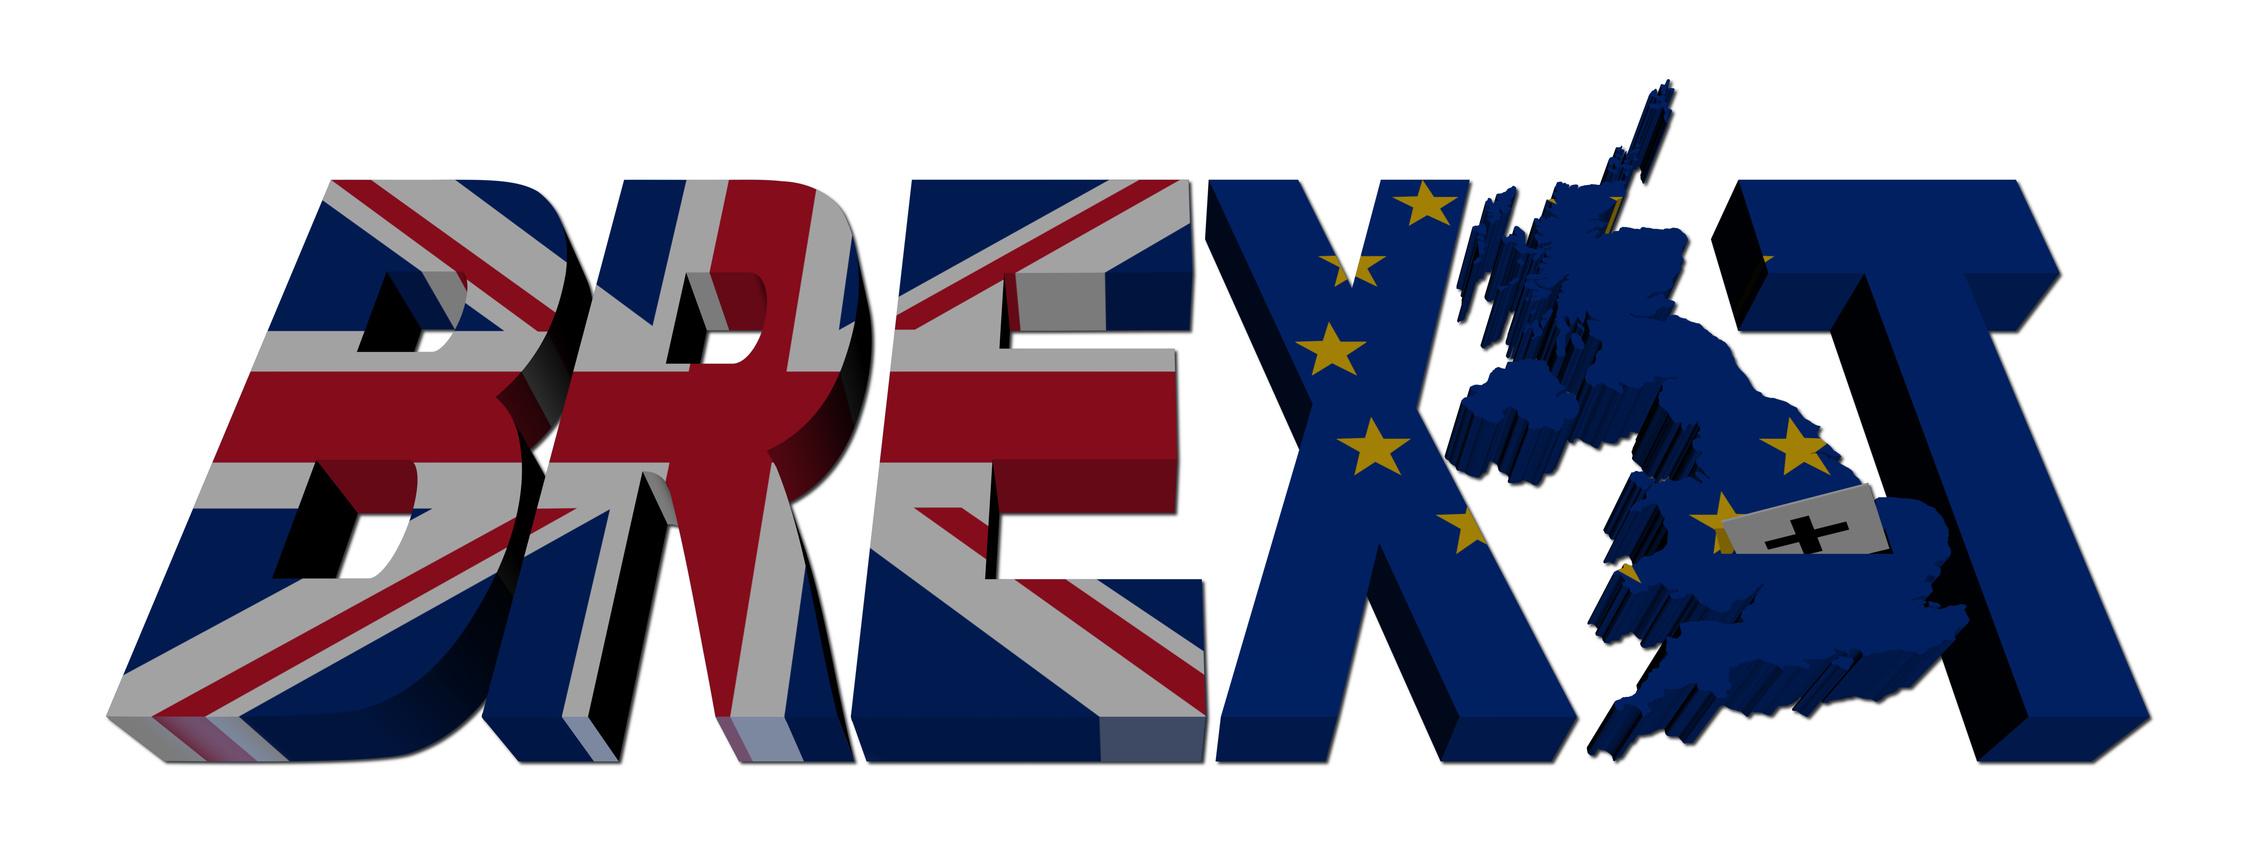 תעזוב או לא תעזוב? - על בריטניה והאיחוד האירופי